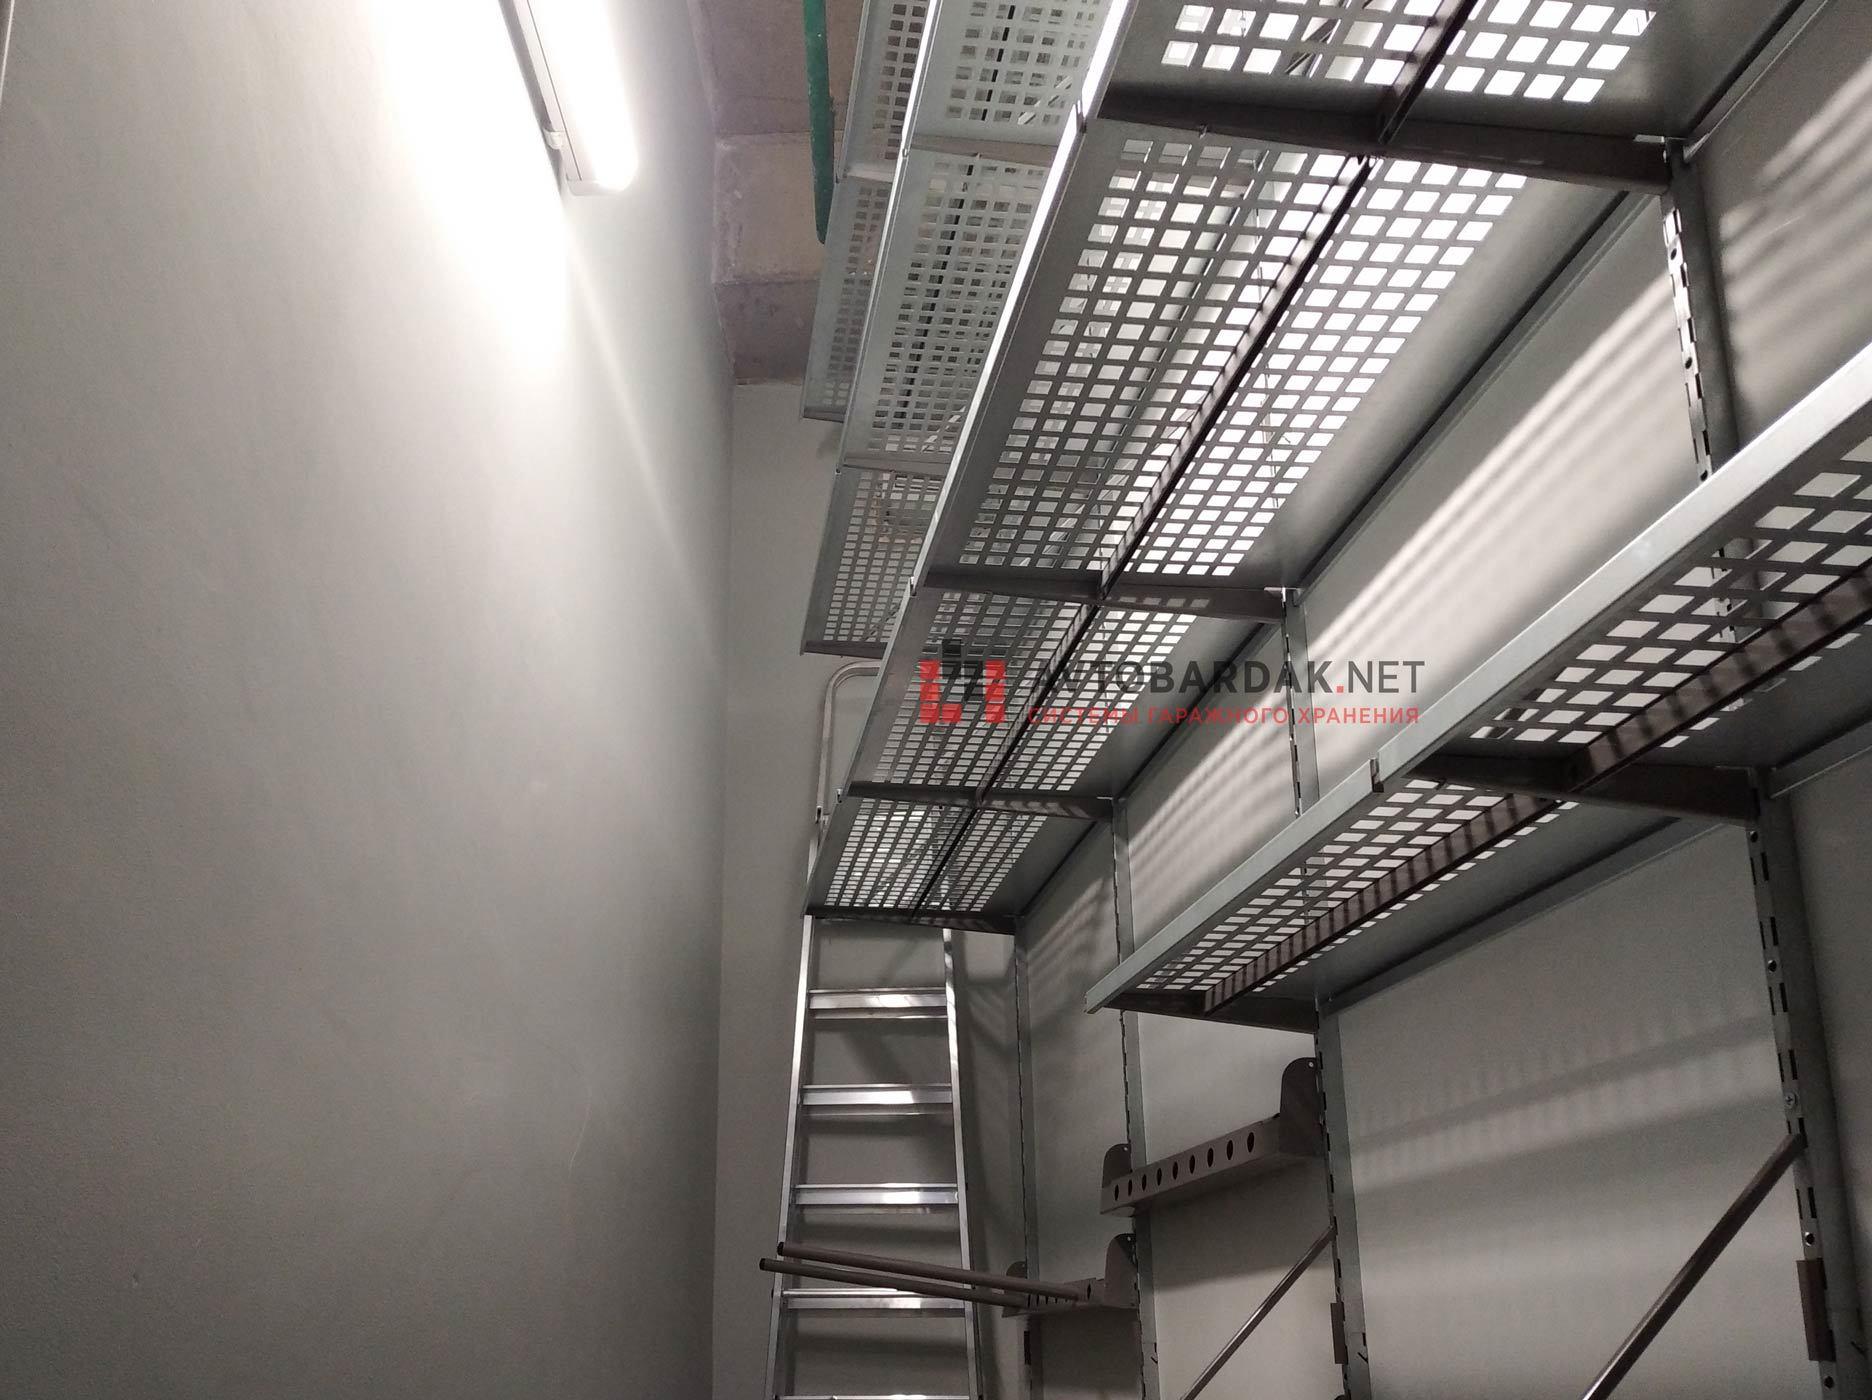 Проект № 13: кладовка 4,8 кв.м (вытянутая, трапецевидная, высокая).